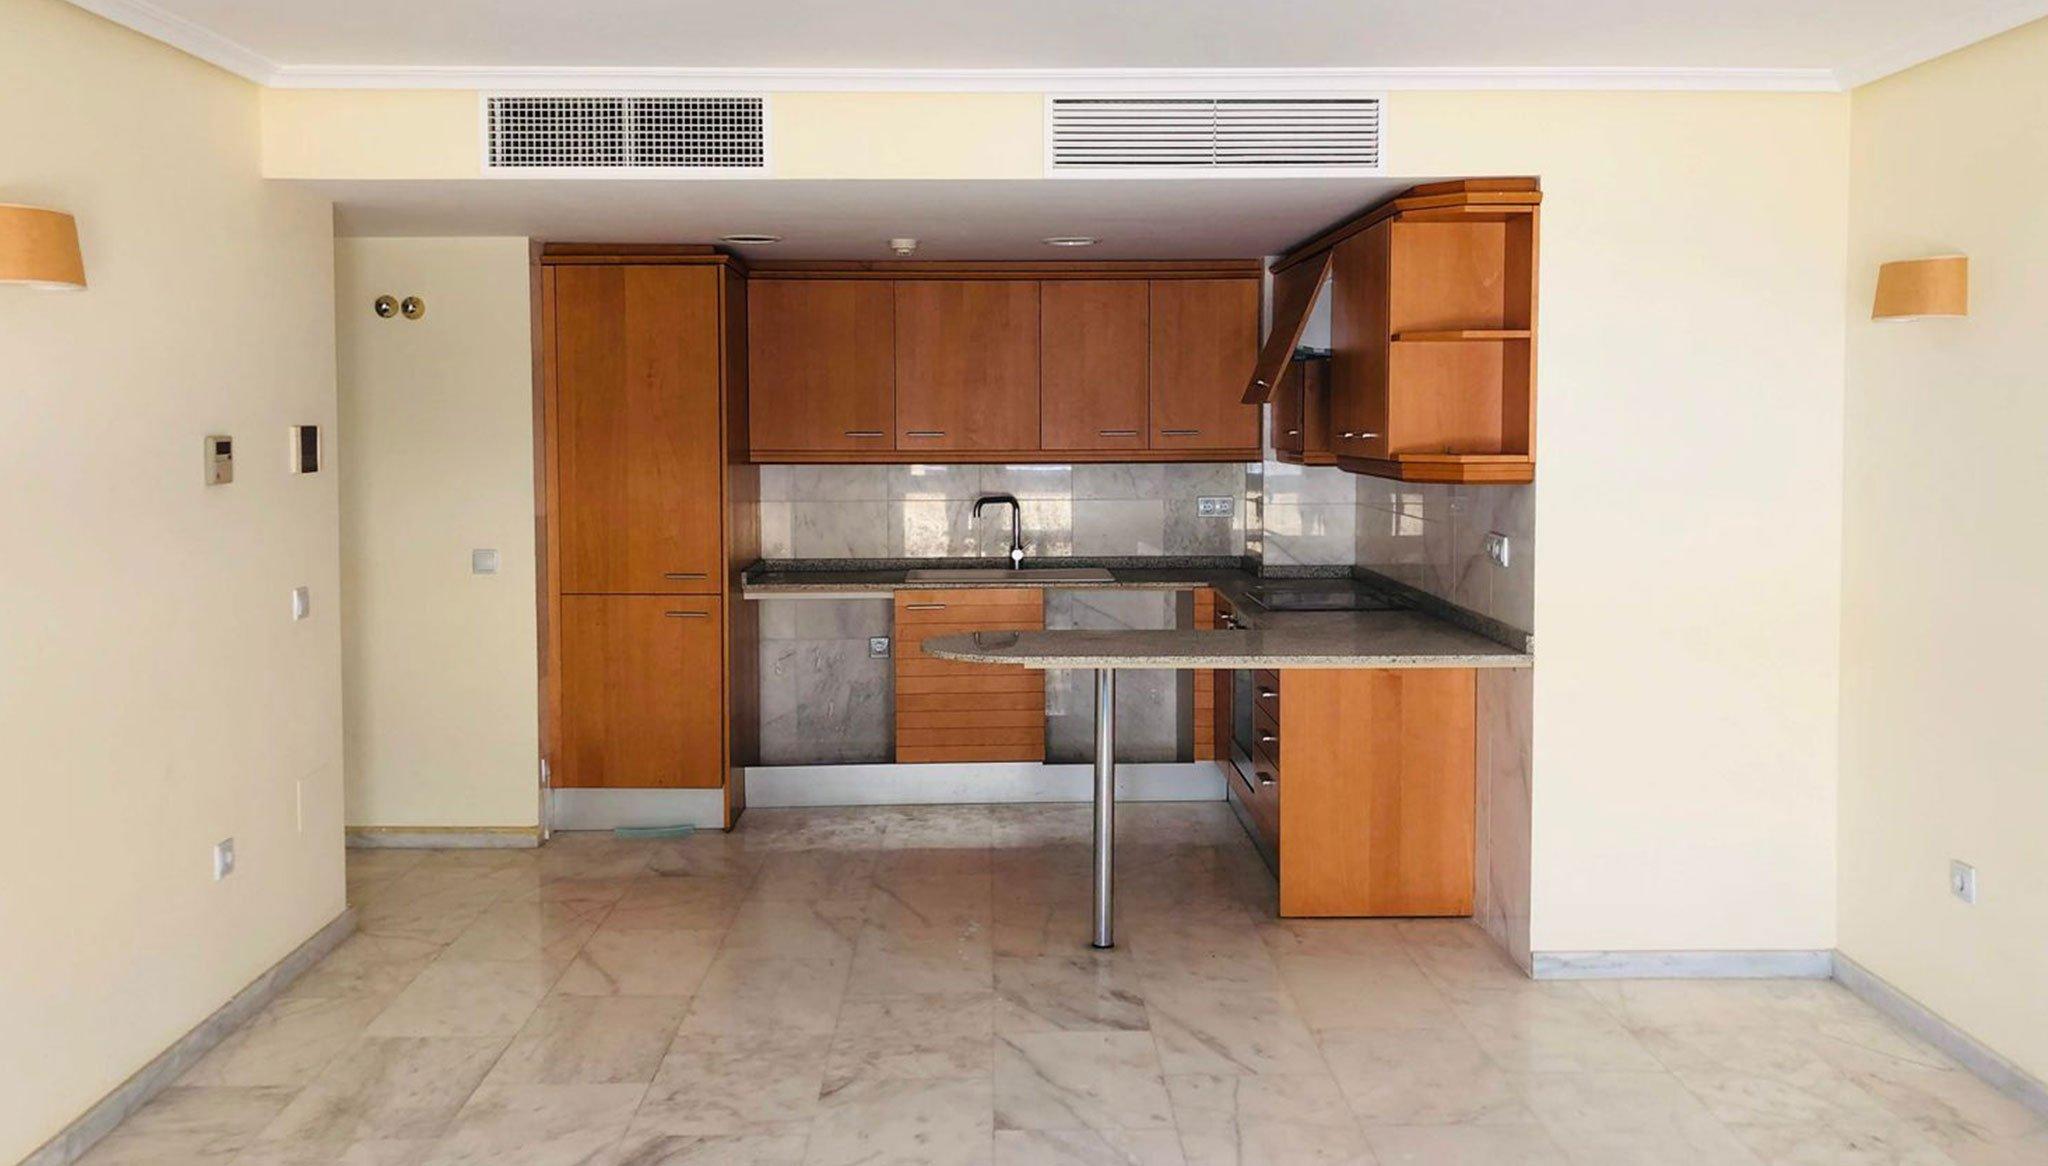 Cuina oberta en un pis de dos dormitoris a Moraira - Mare Nostrum Immobiliària